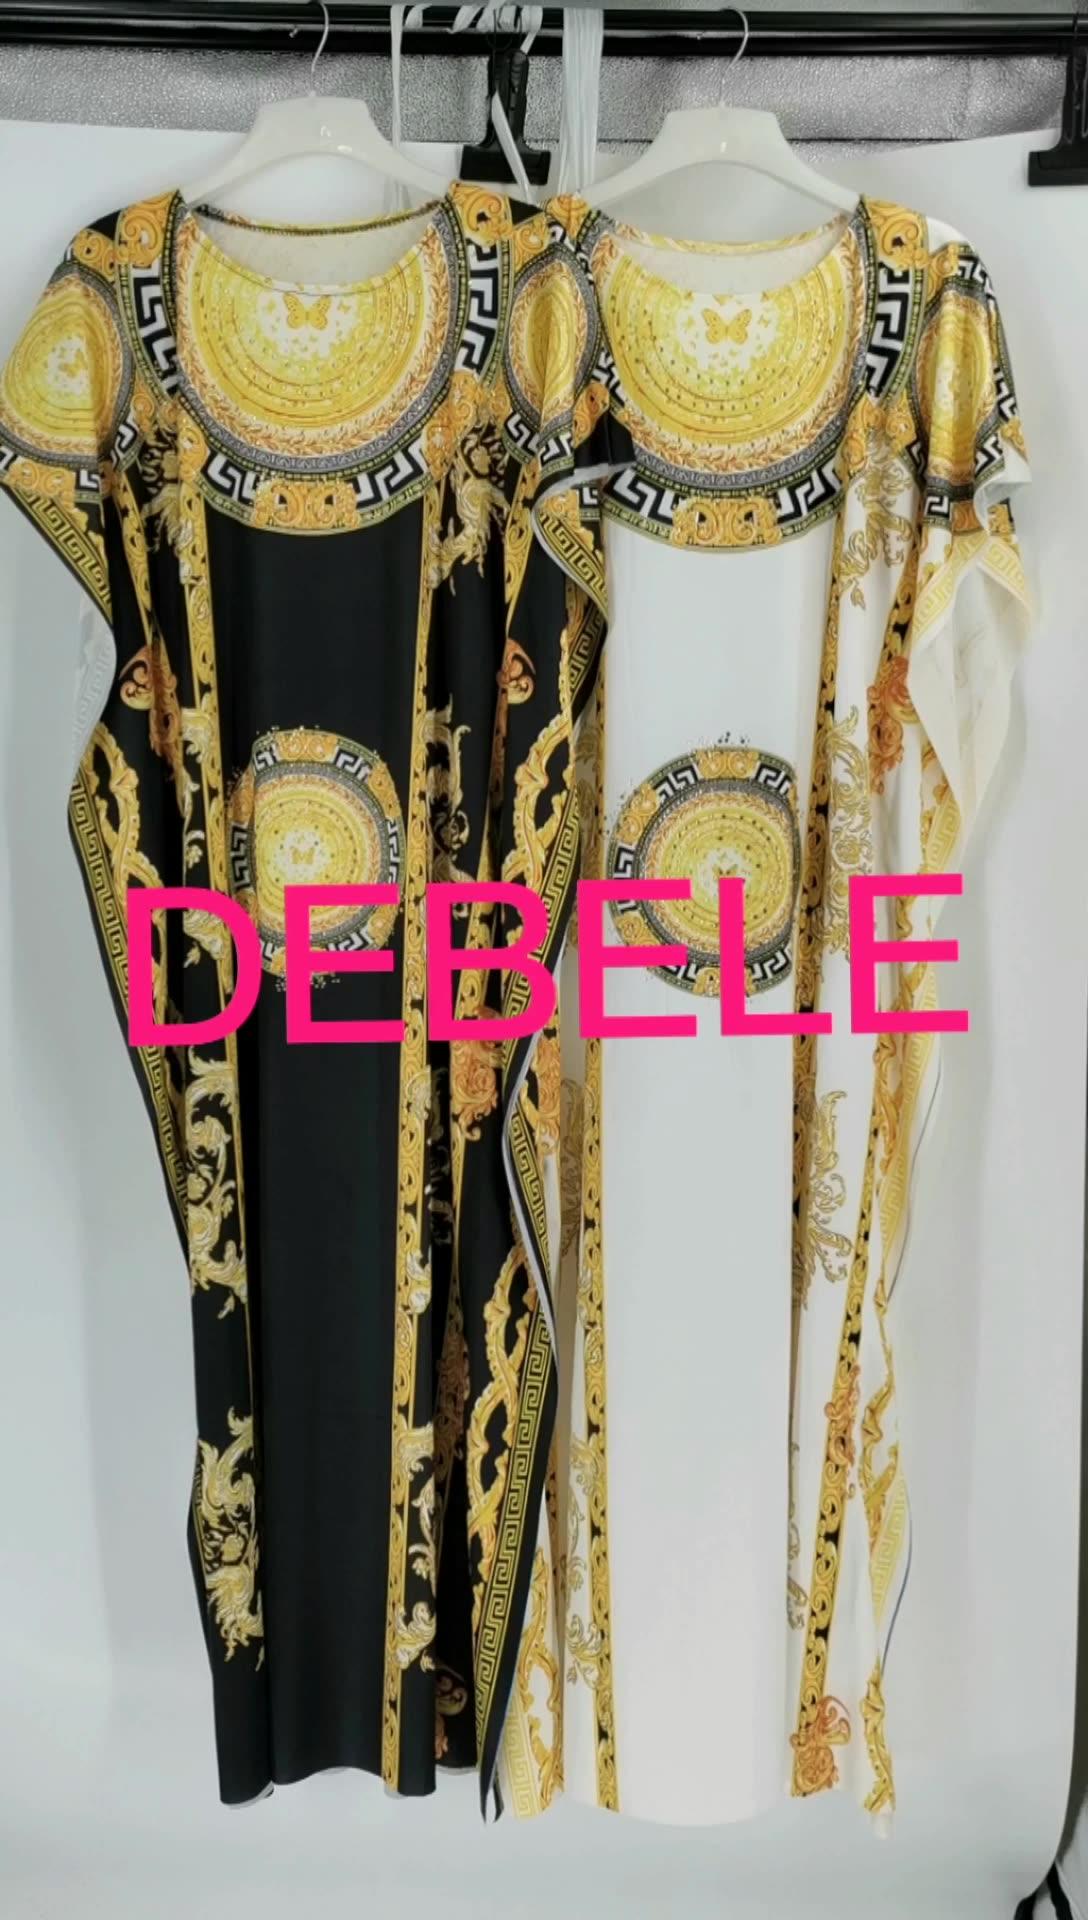 ब्रांडेड पोशाक अफ्रीकी कपड़े kitenge कफ्तान abaya Dashiki अफ्रीकी पोशाक